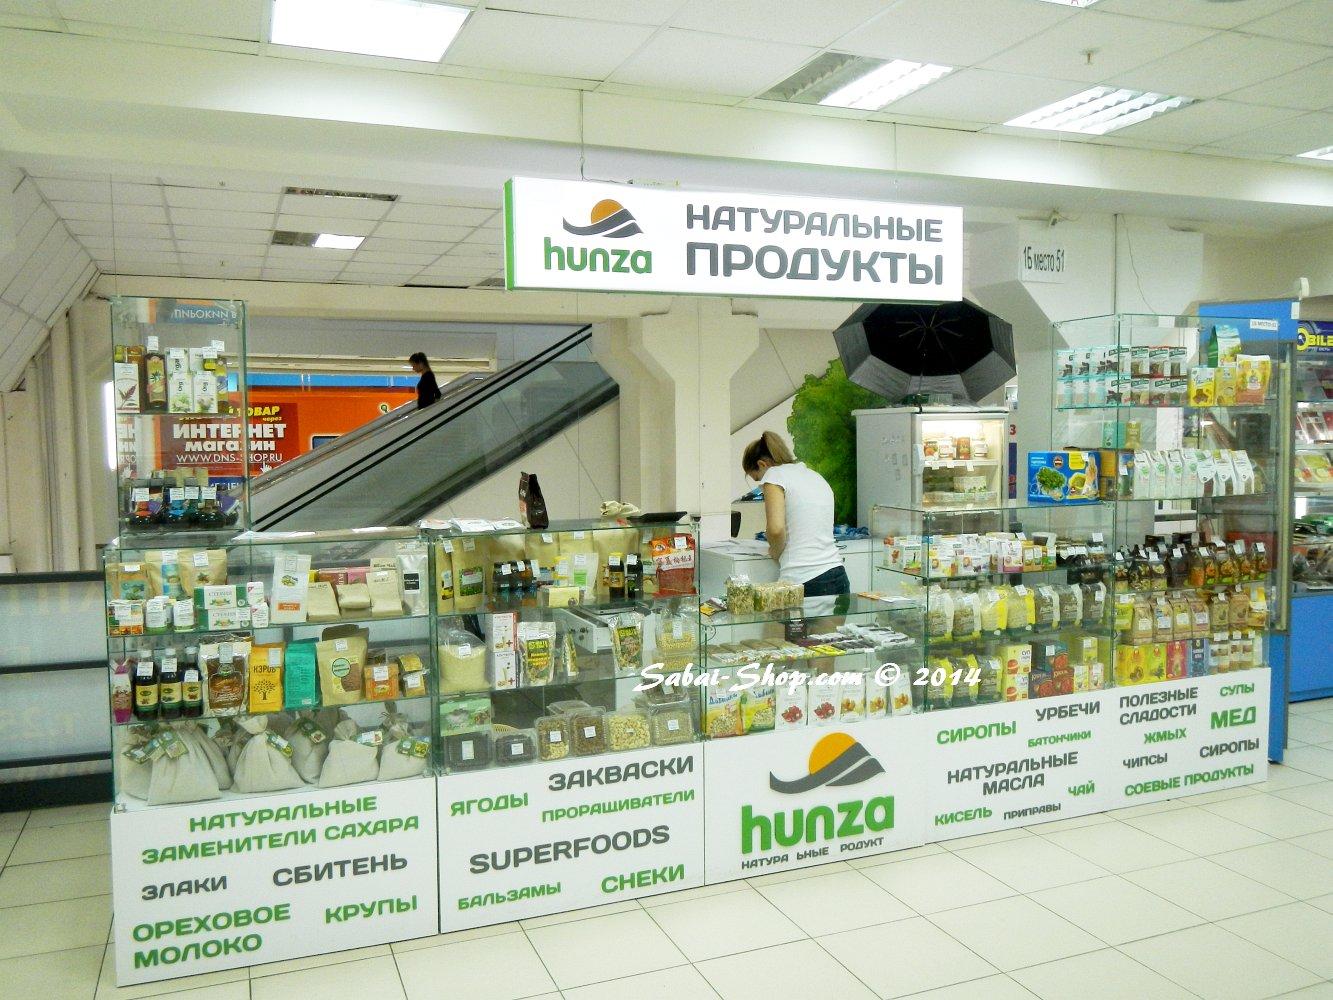 Пункт выдачи товара в КВАНТ в магазине HUNZA